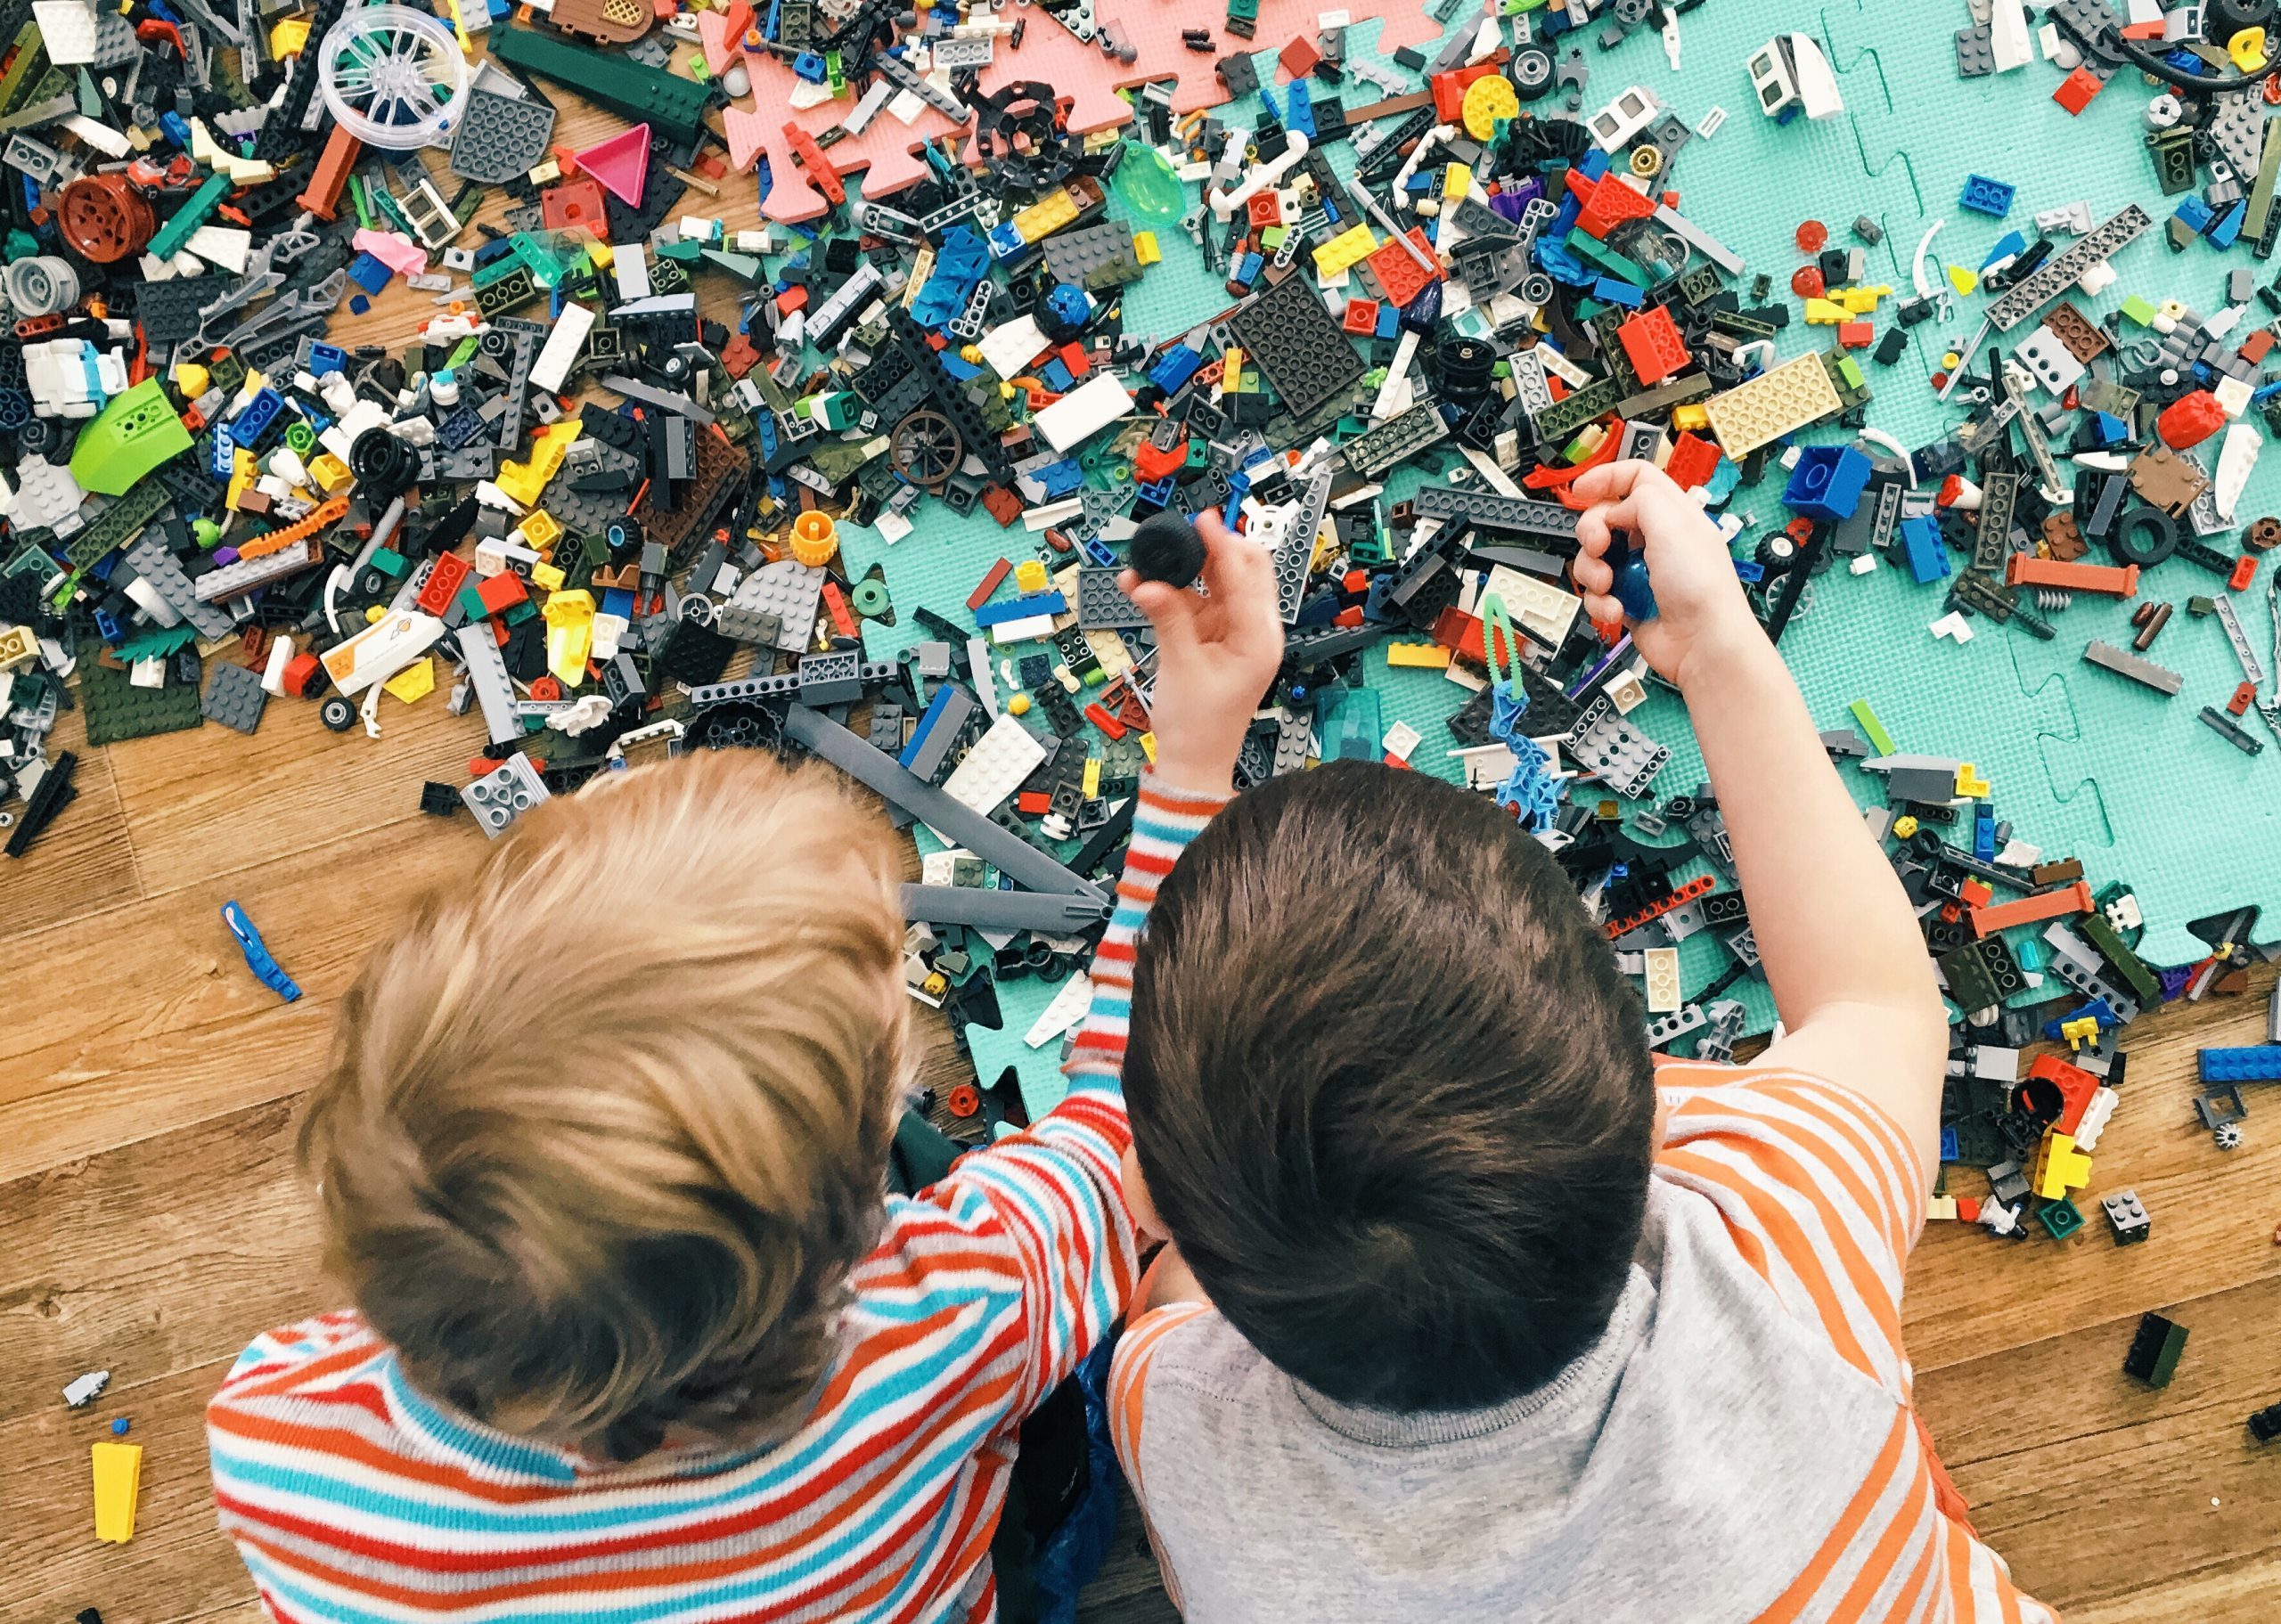 Les 3 meilleurs jeux Lego – Comparatif et avis